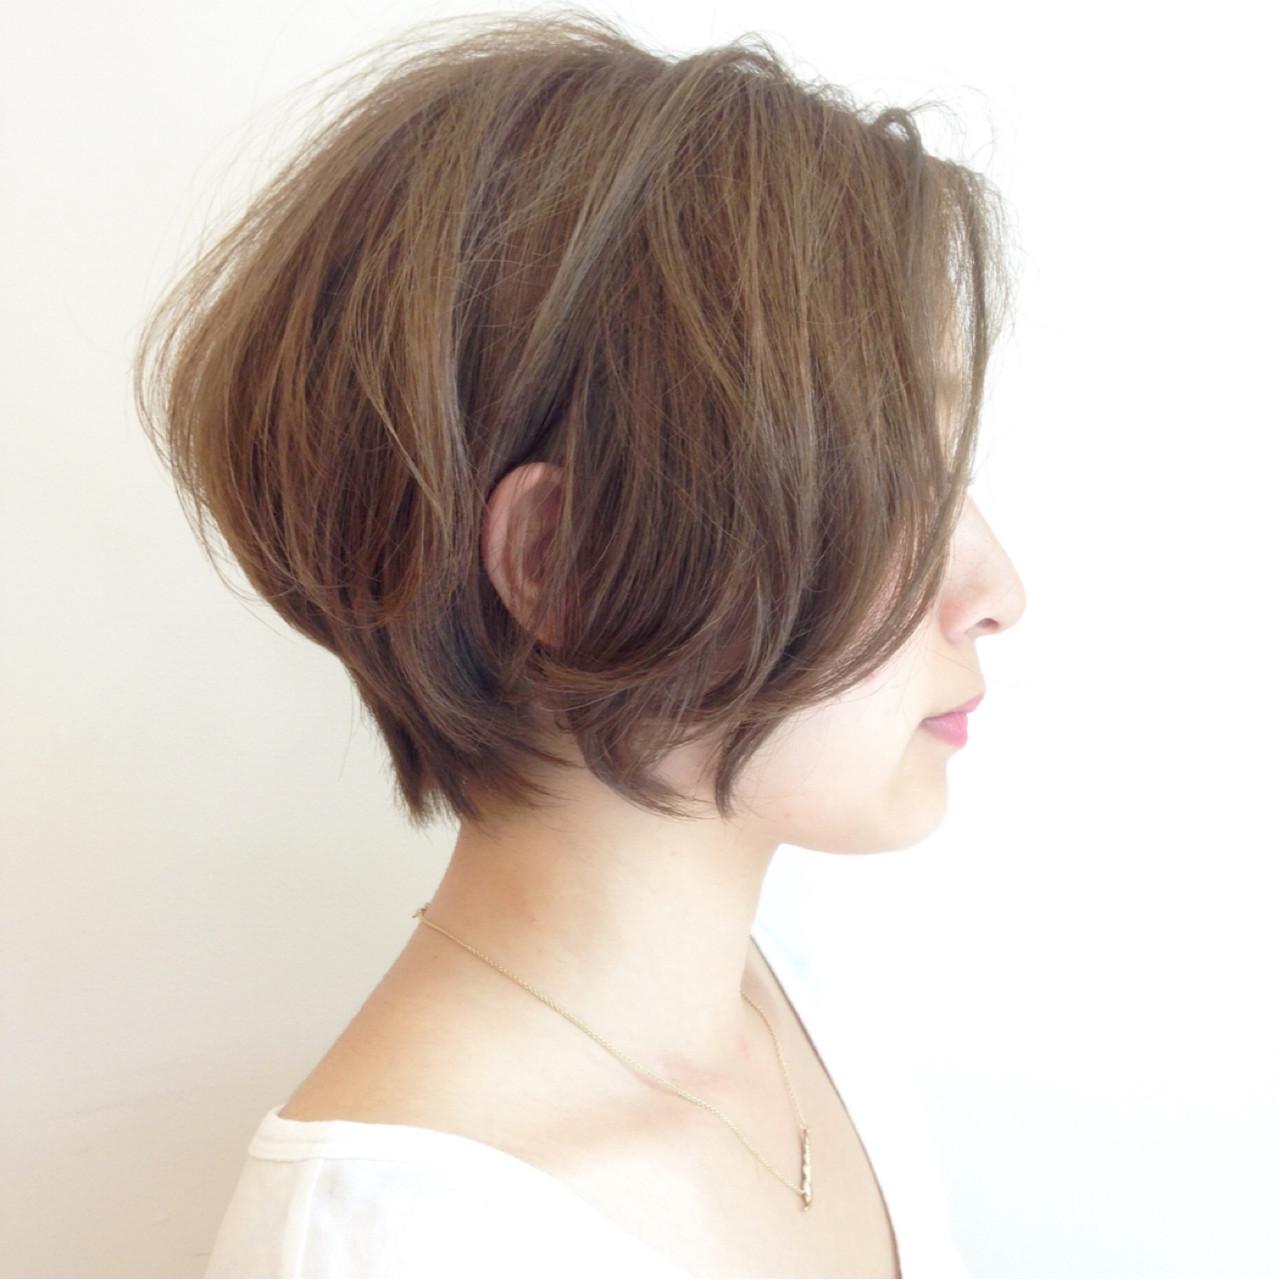 オデコだし、かきあげ前髪でハッピーオーラが全開!かきあげ前髪のつくり方 越後 裕介 (Yusuke Echigo)